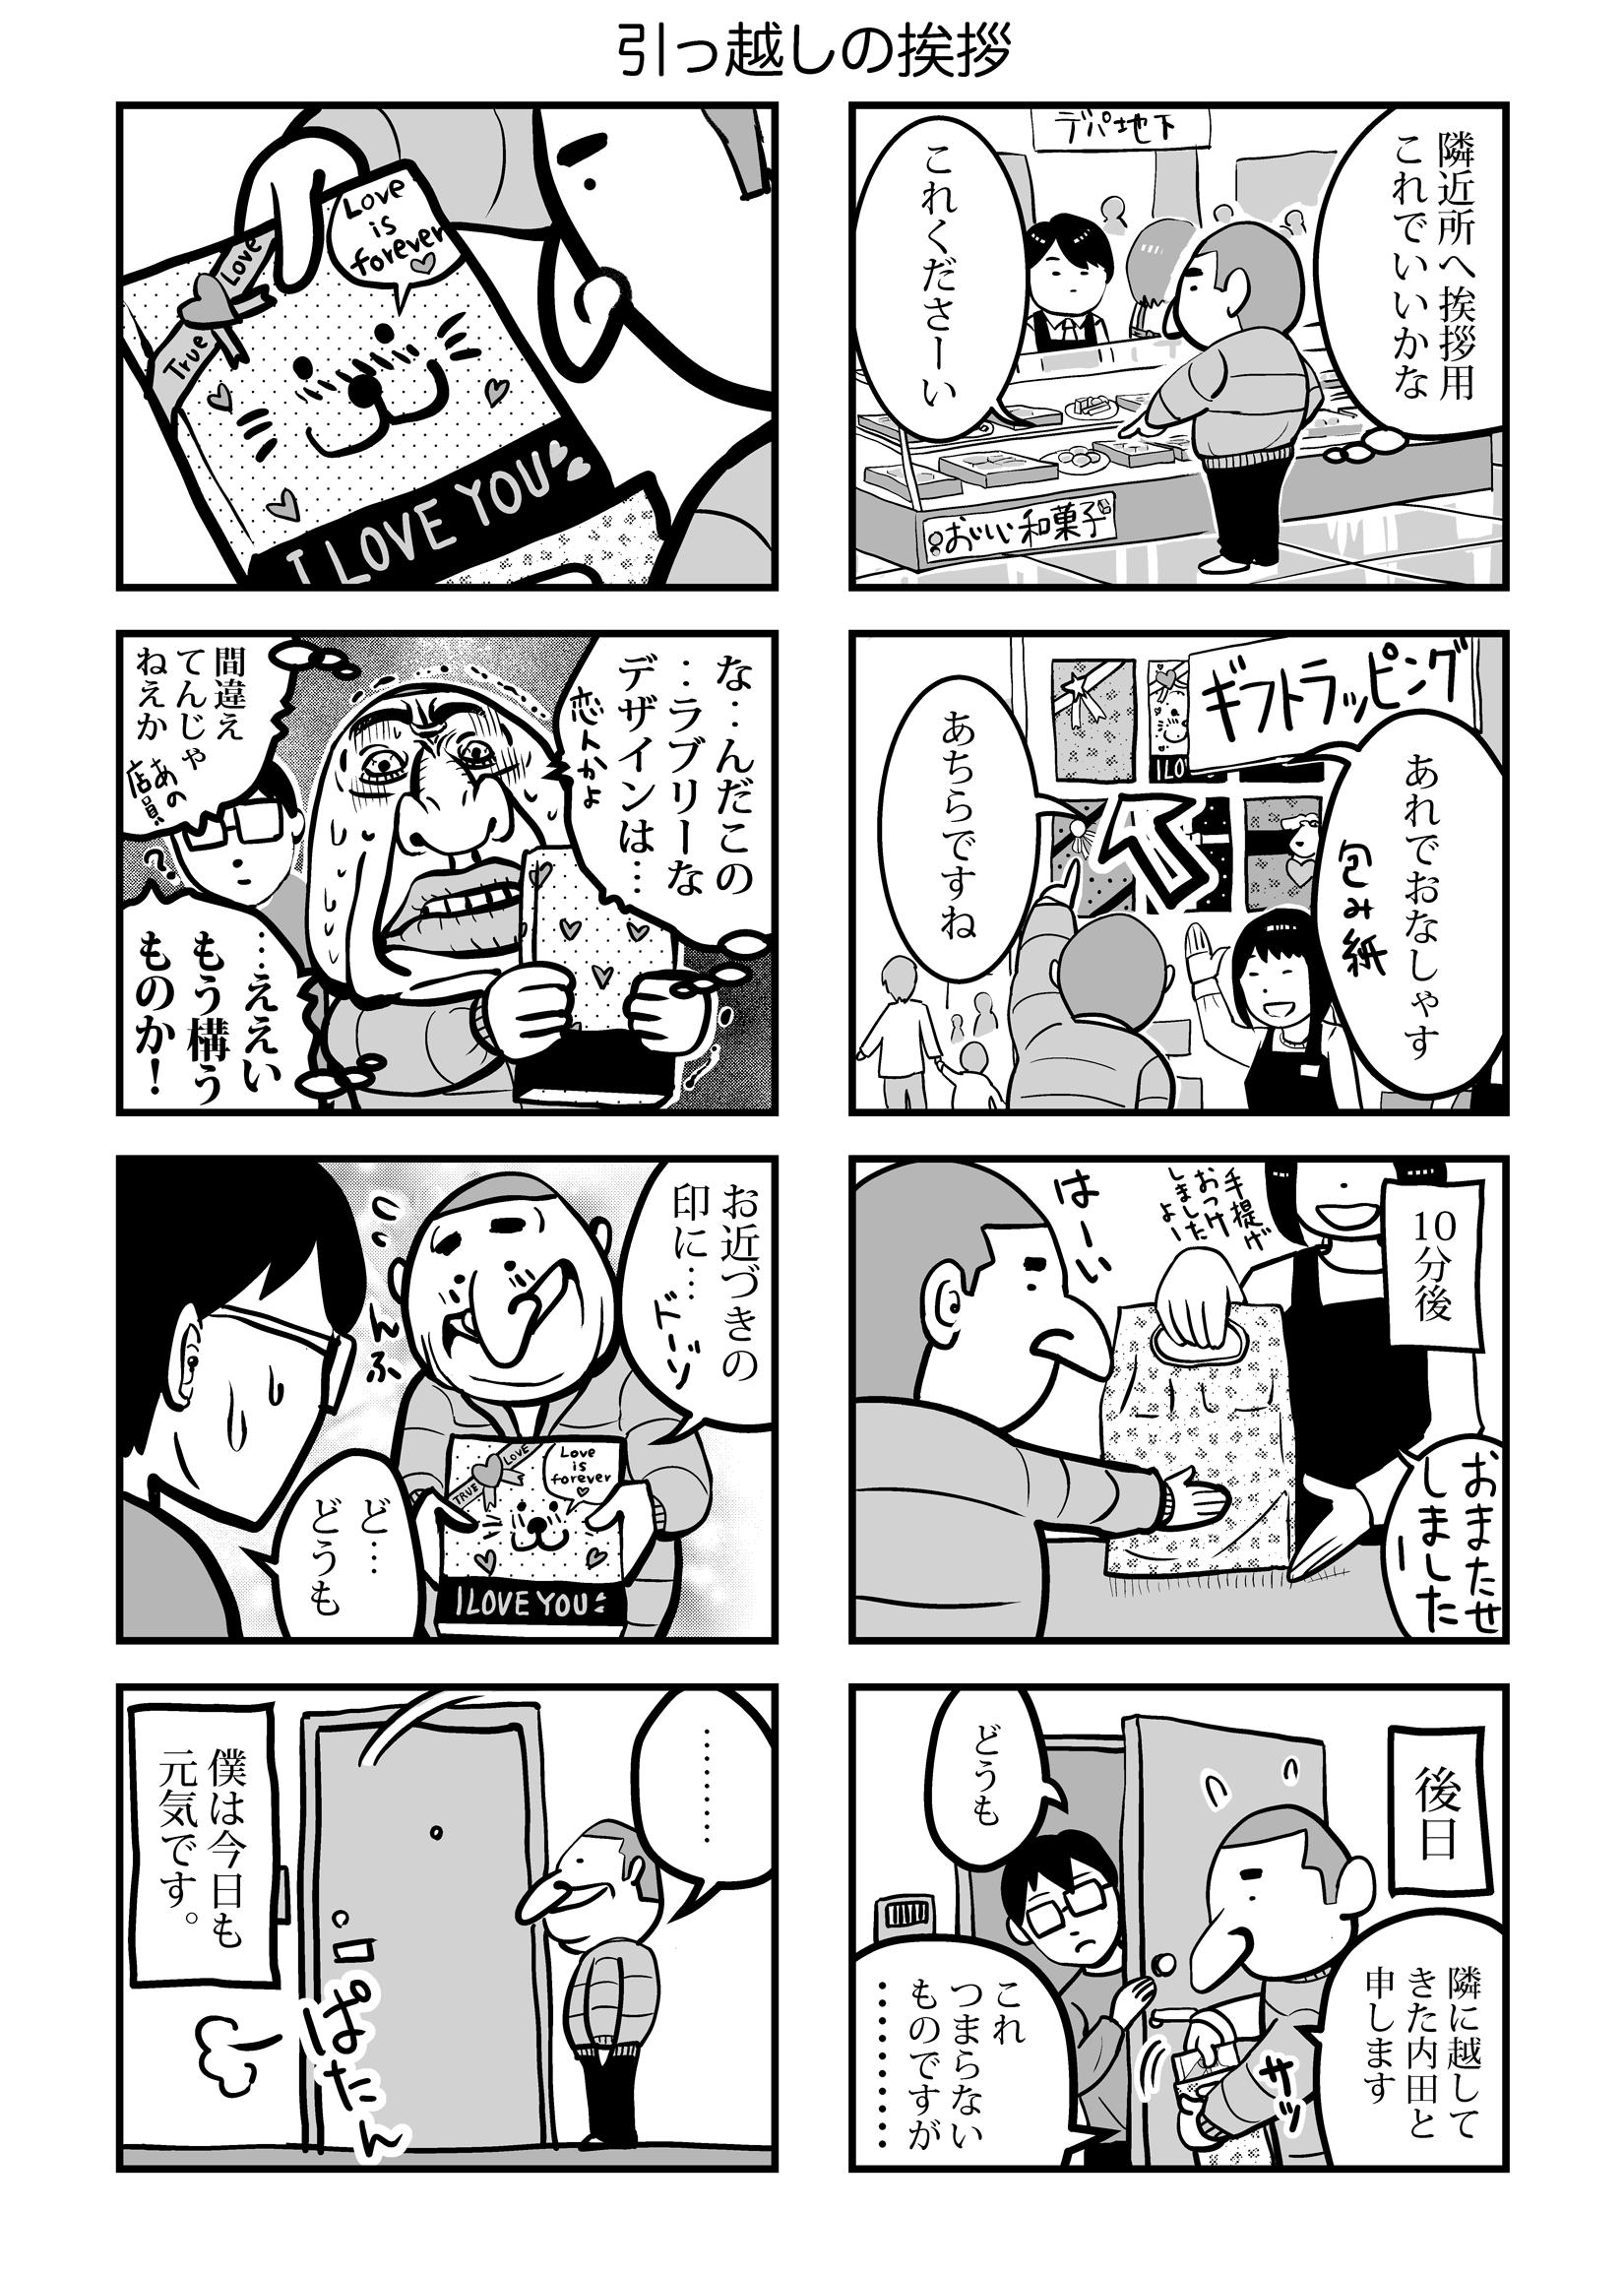 引っ越しに関するギャグ漫画